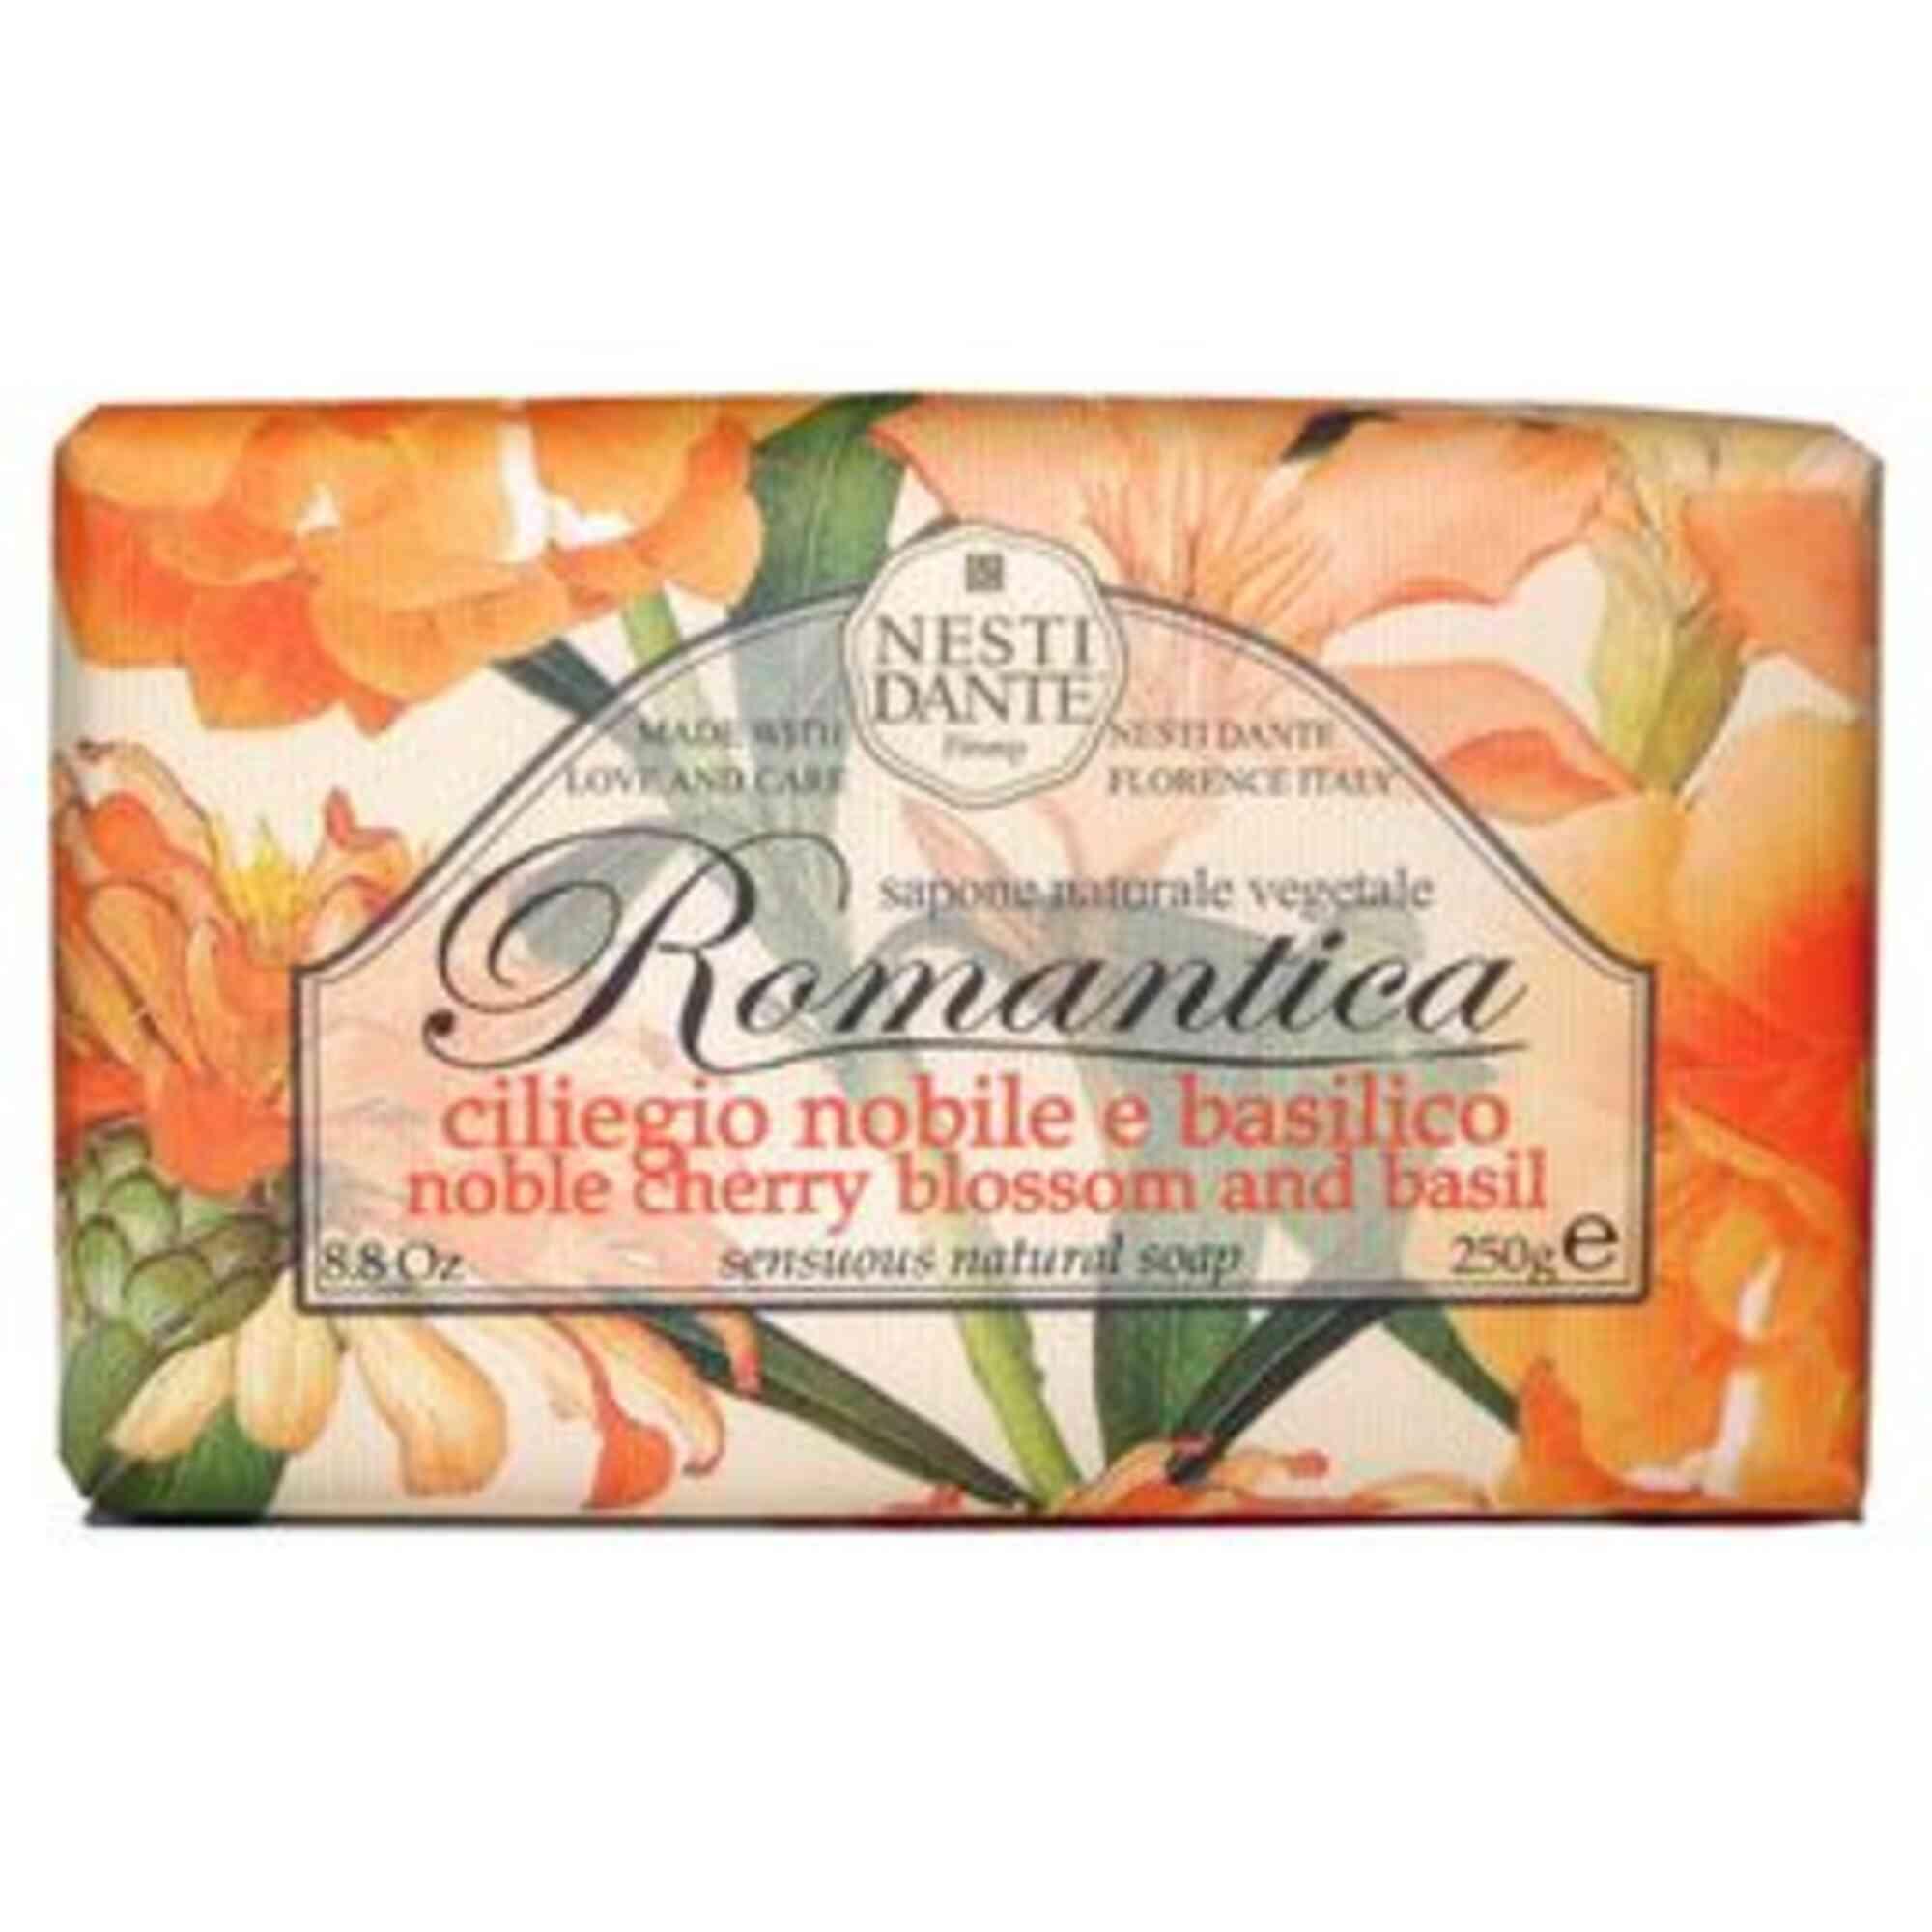 Sabonete Romantica Flores Nobres de Cereja e Manjericão 250g Nesti Dante